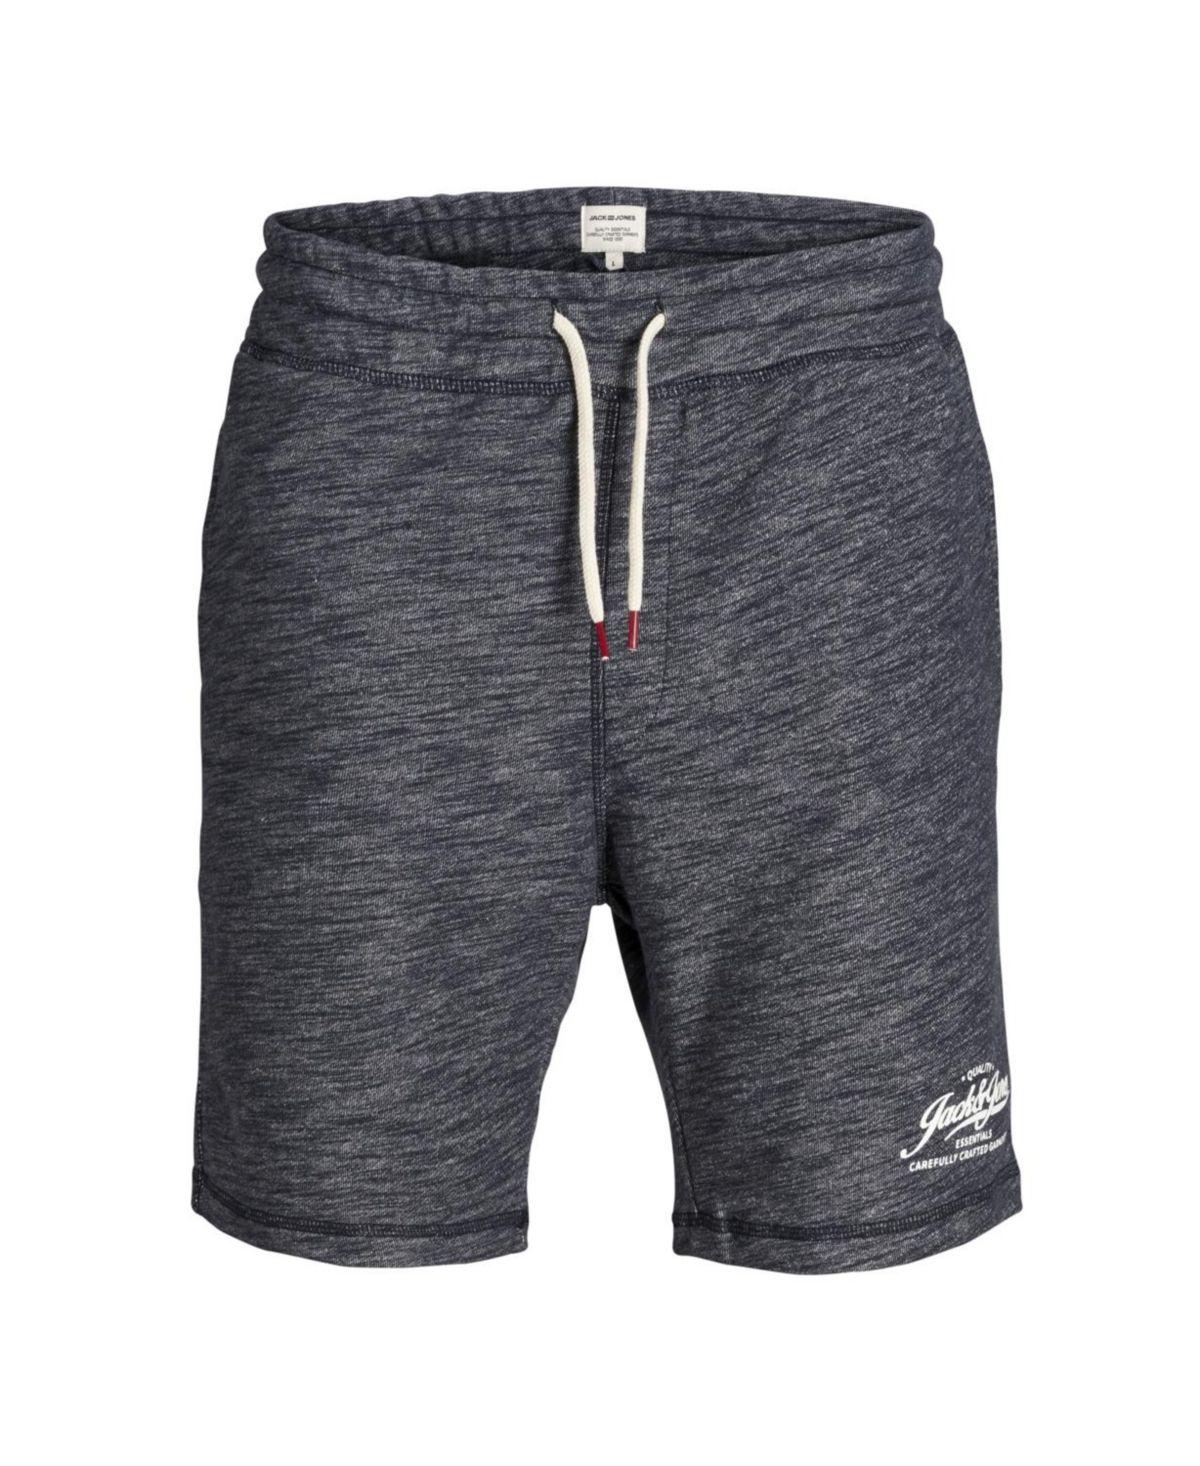 JACK /& JONES Herren Shorts